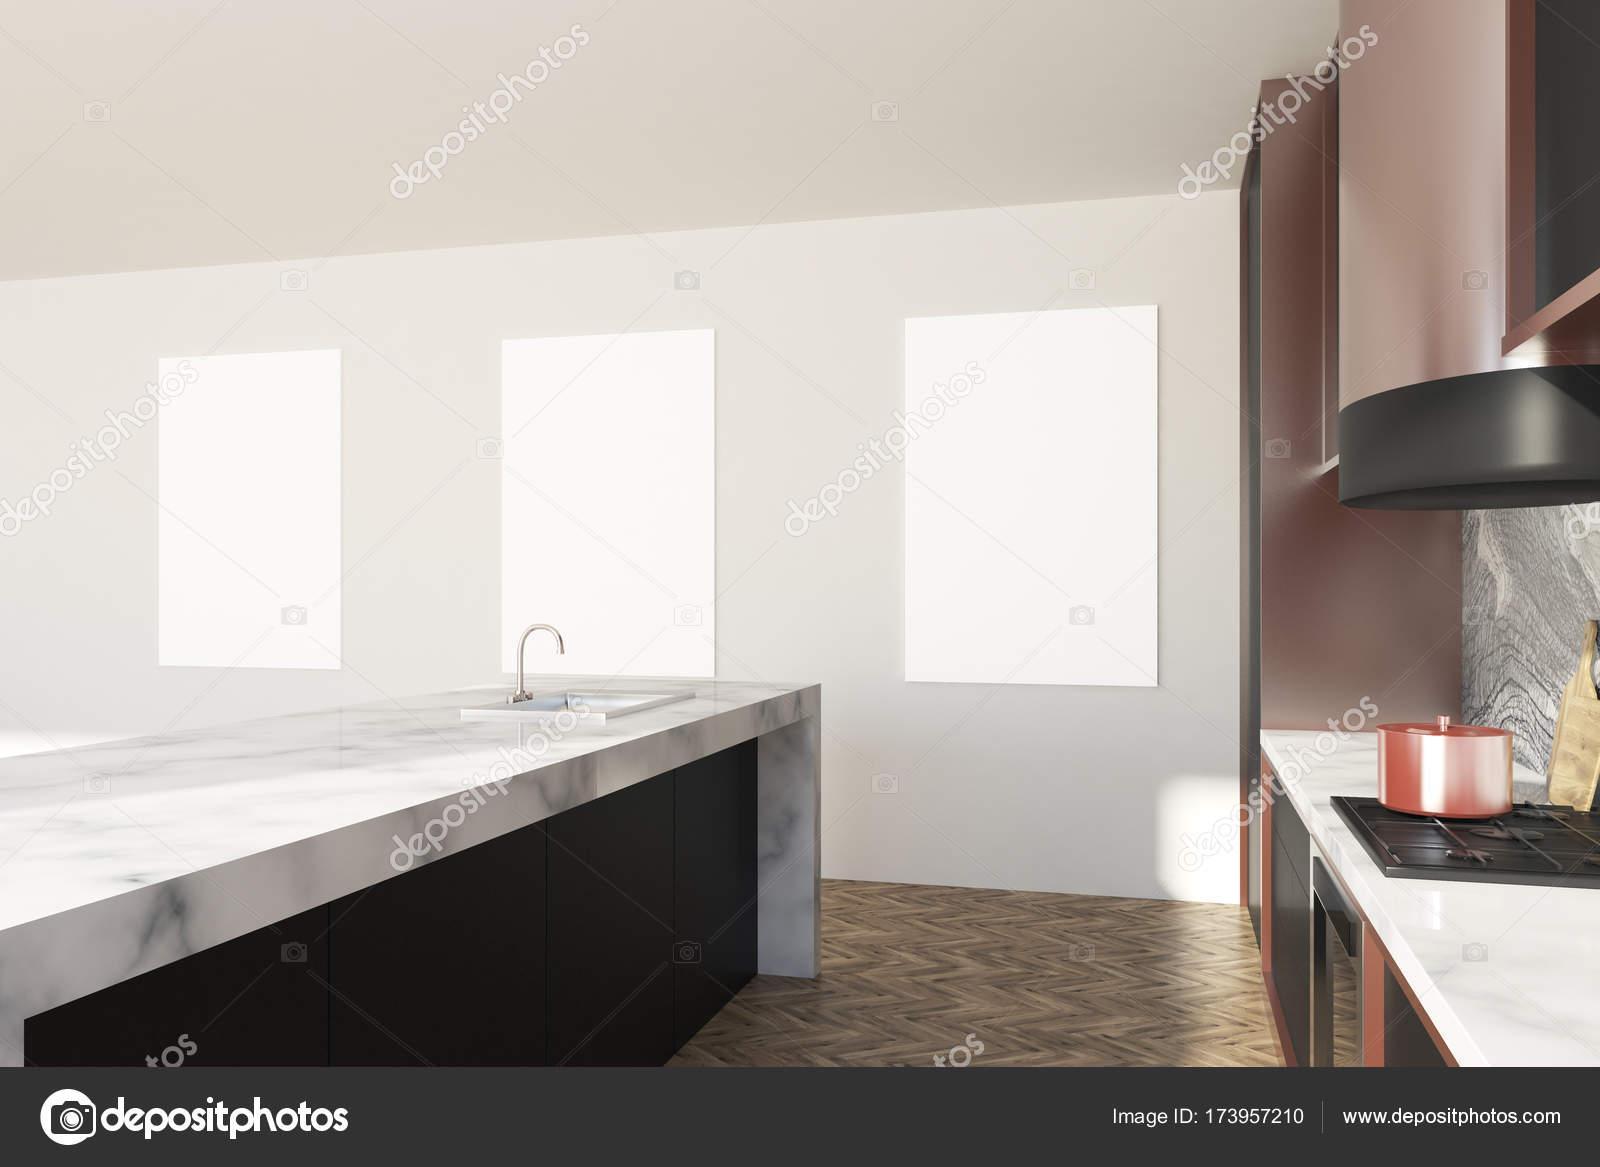 Weiß Und Marmor Küchenarbeitsplatte Plakate Stockfoto